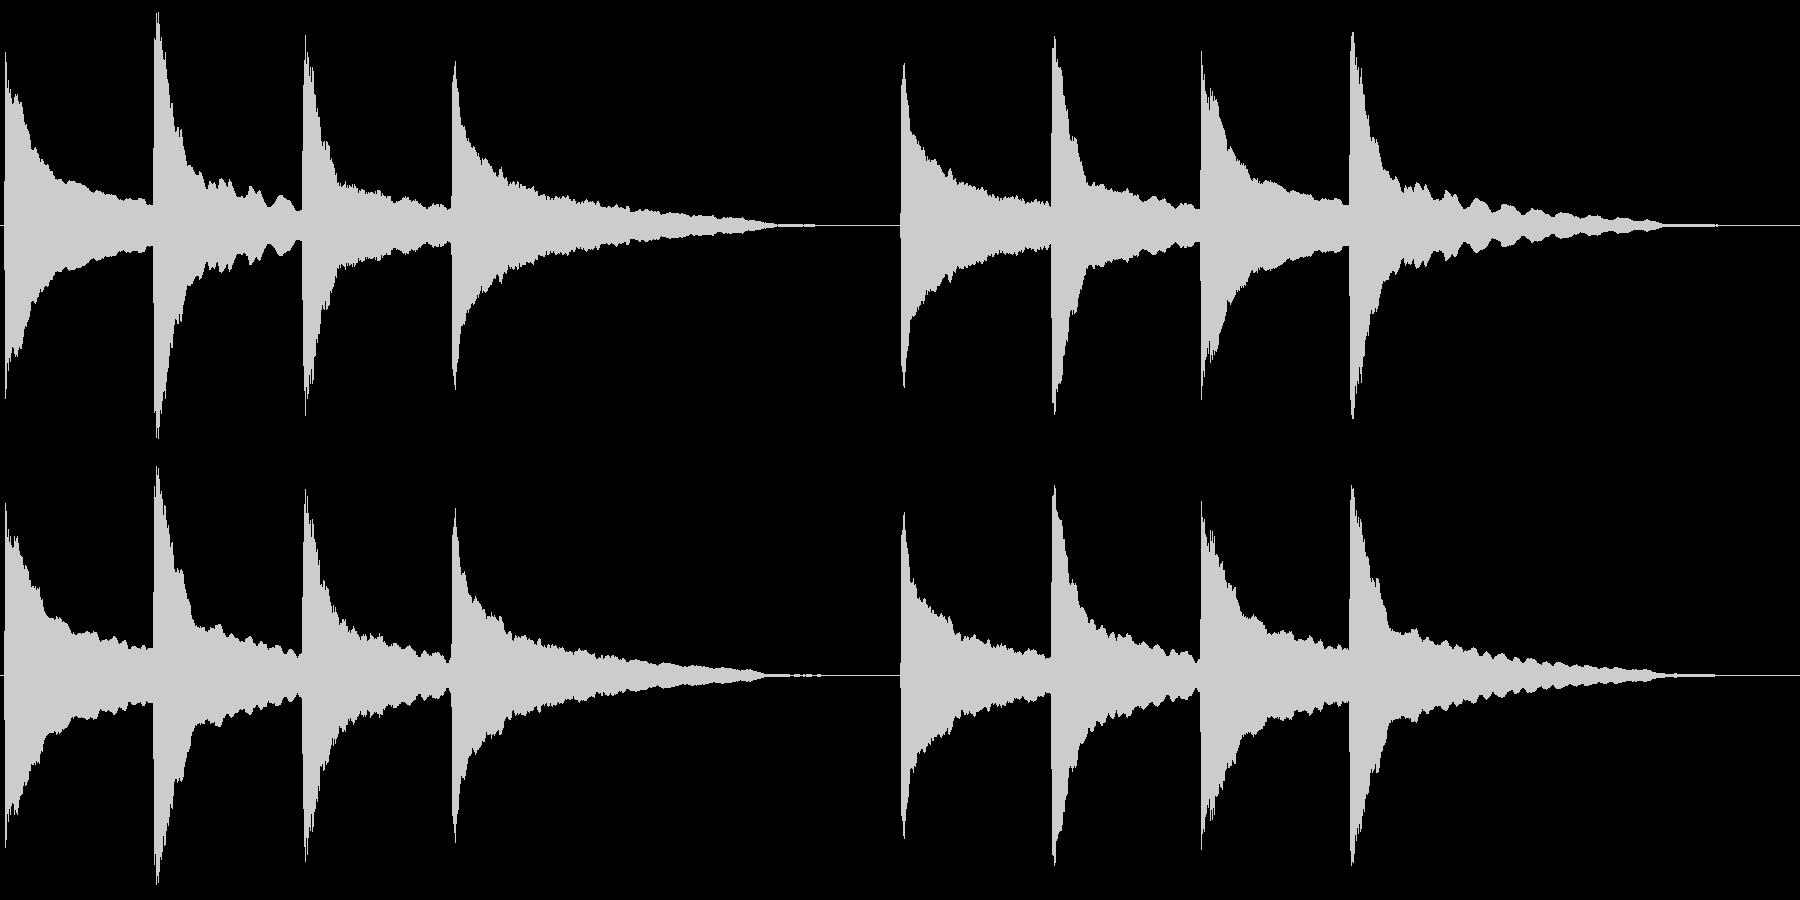 ピンポンパンポン (1)の未再生の波形